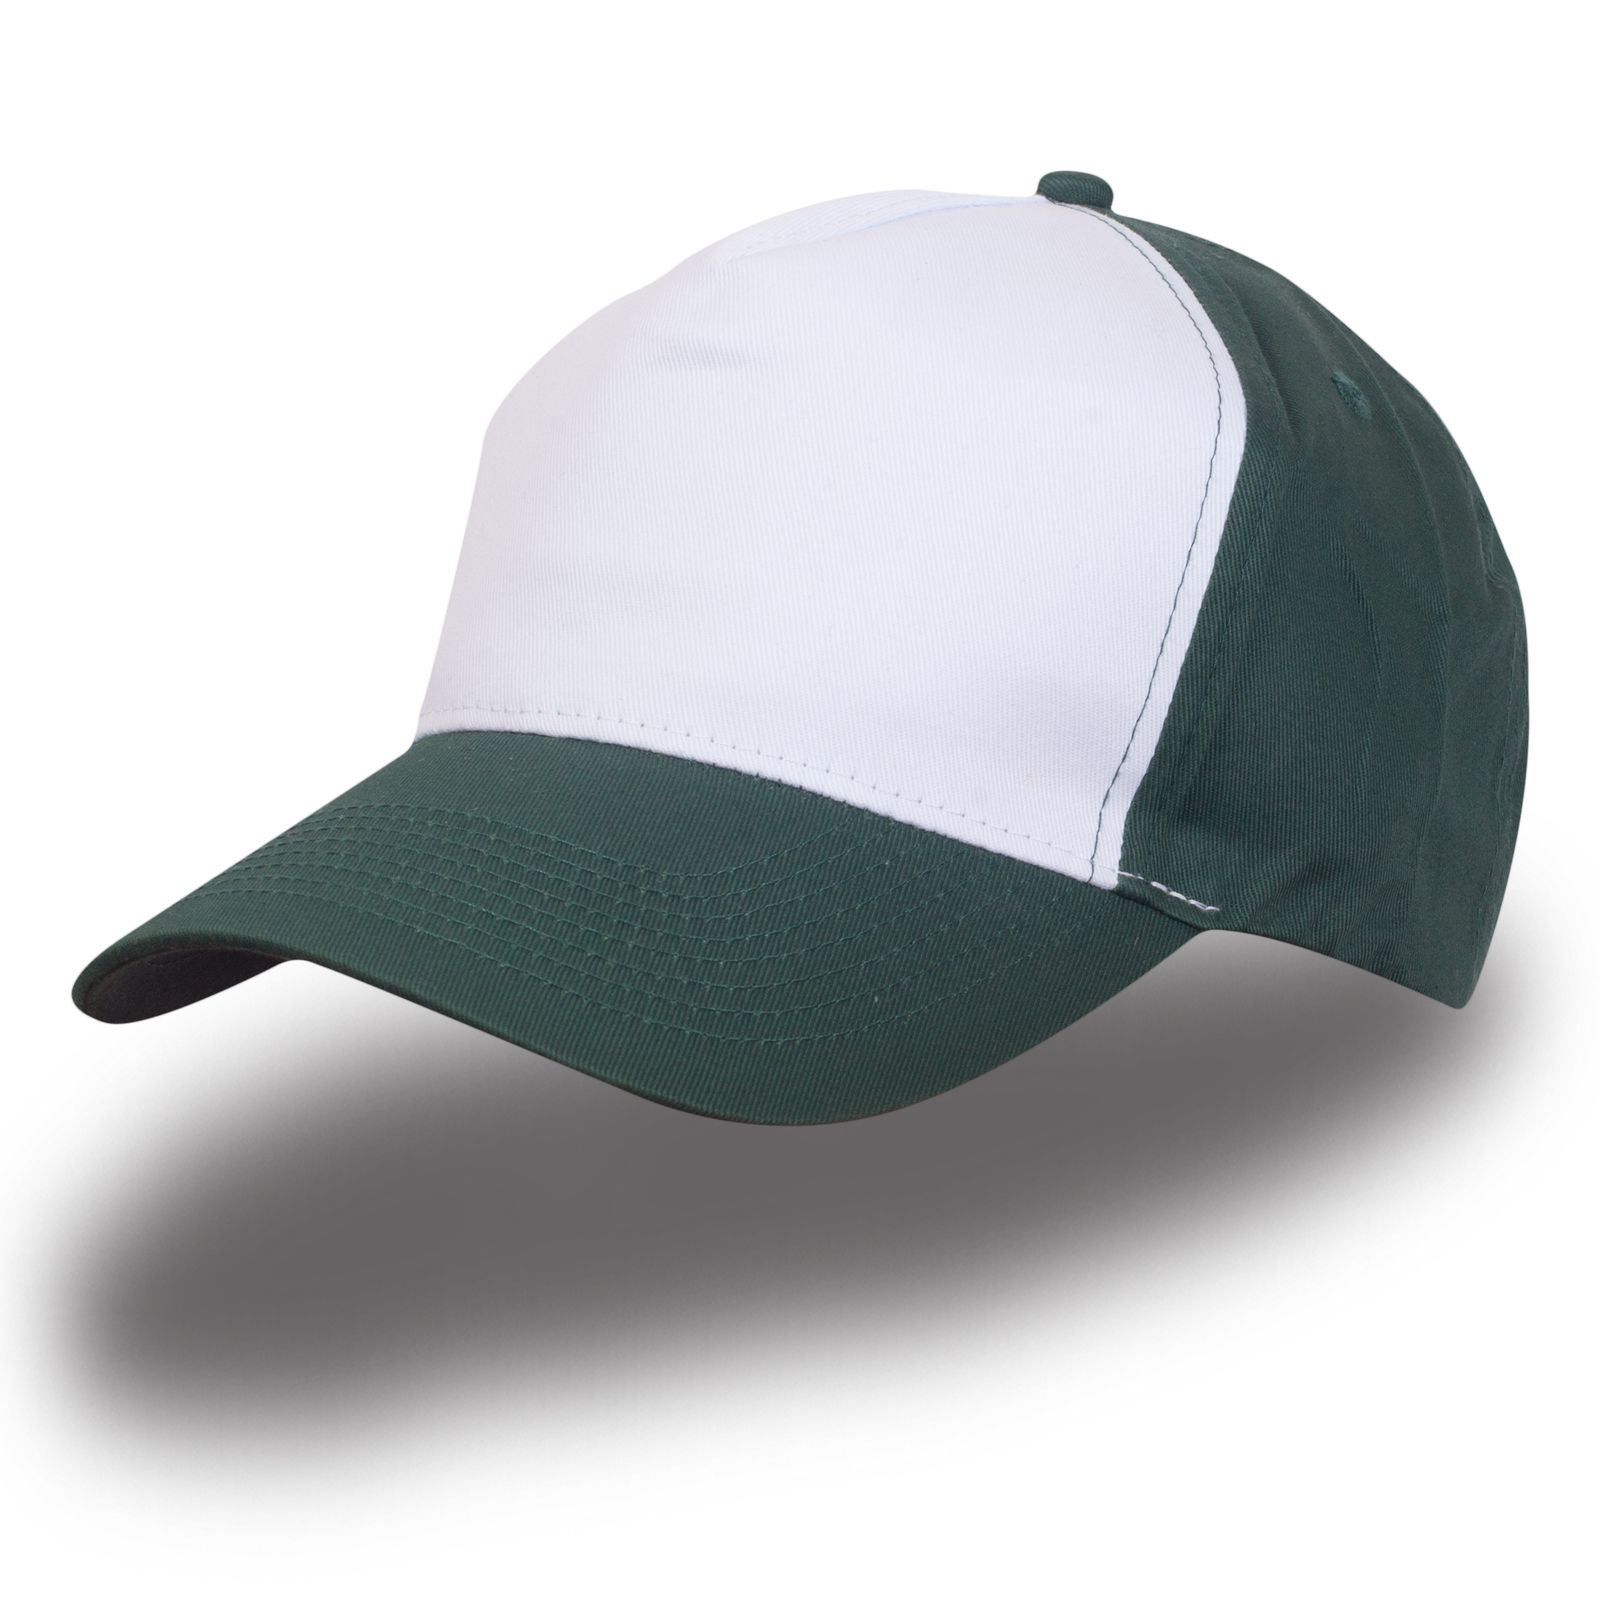 Бейсболка - заказать с доставкой